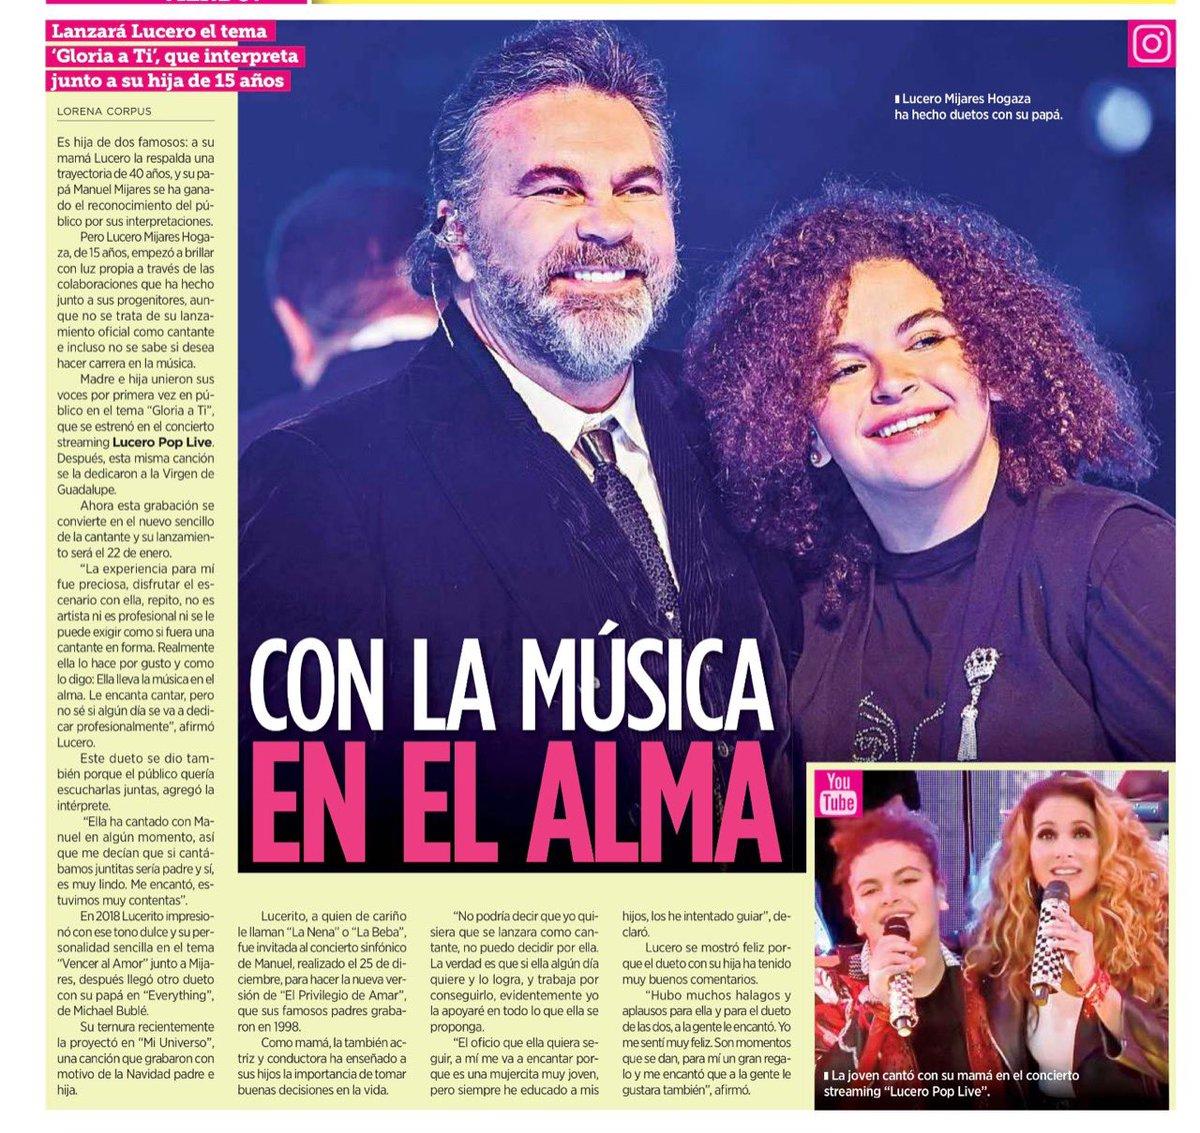 Replying to @LuceroMexico: Mi #LuceroMijares ♥️ Amo verla brillar, feliz, cantando con el corazón. 🌟💝👏🏼